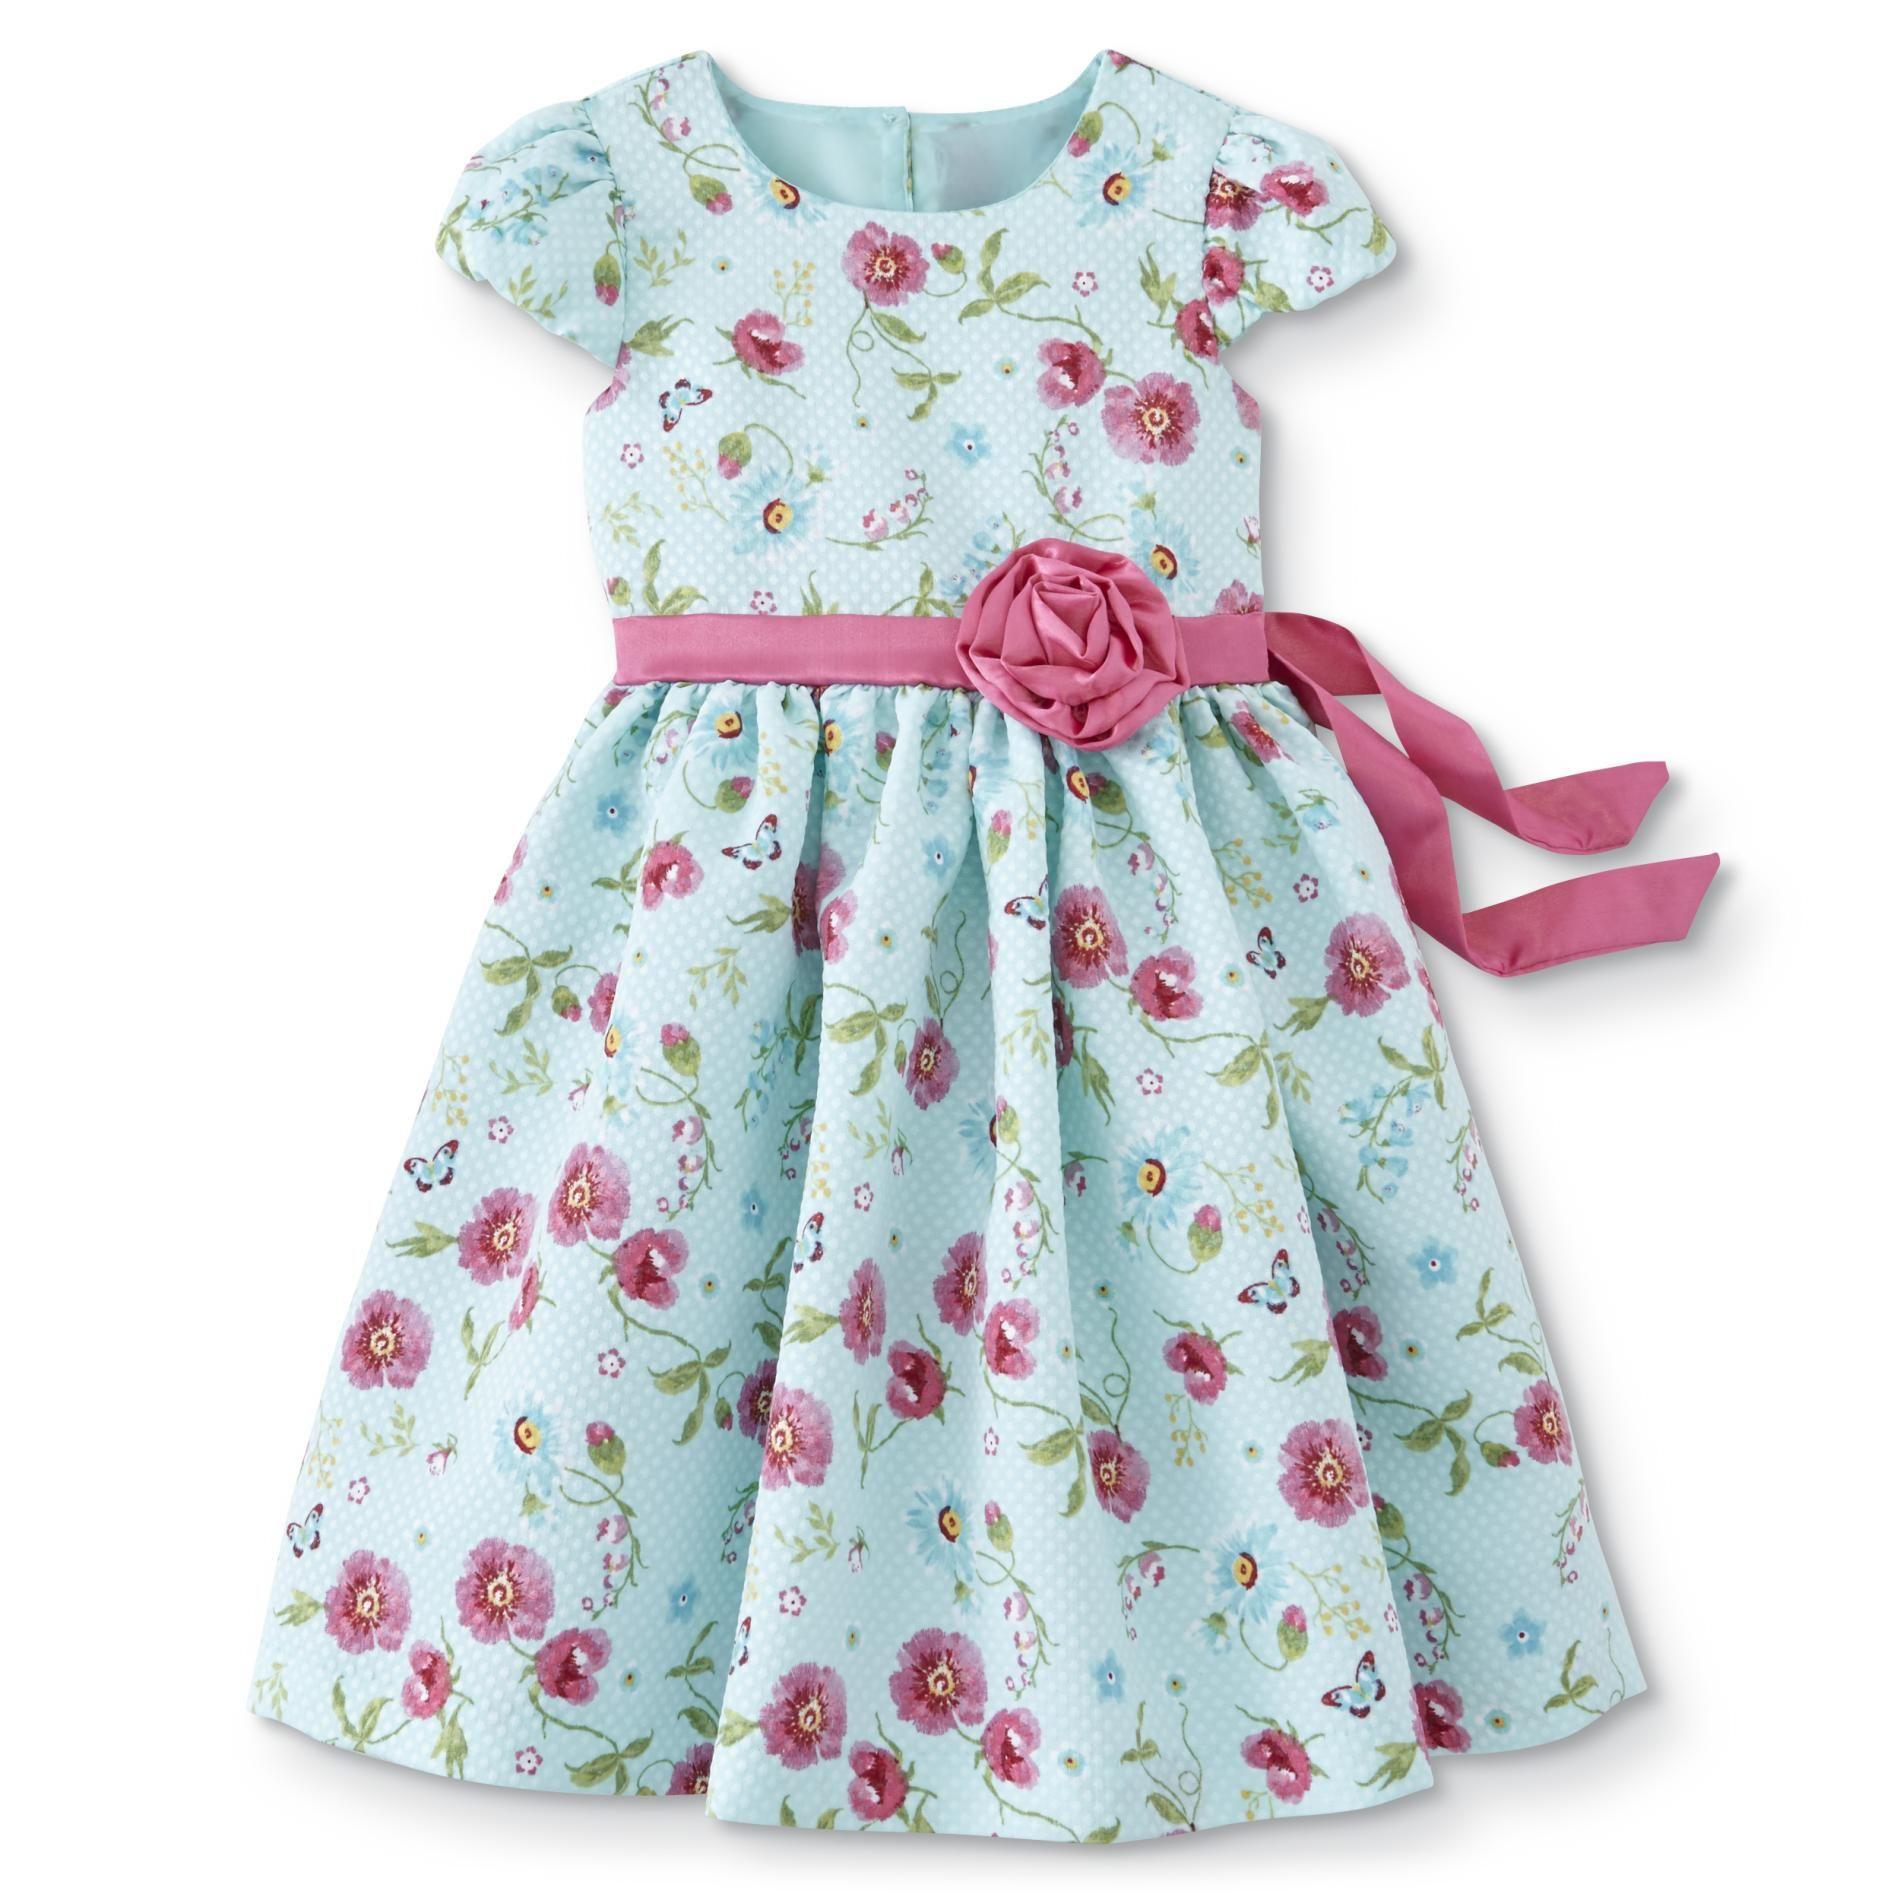 Nanette Toddler Girls Dress Floral Size 3t 2t 4t Blue Girls Dresses Dresses Toddler Girl [ 1900 x 1900 Pixel ]